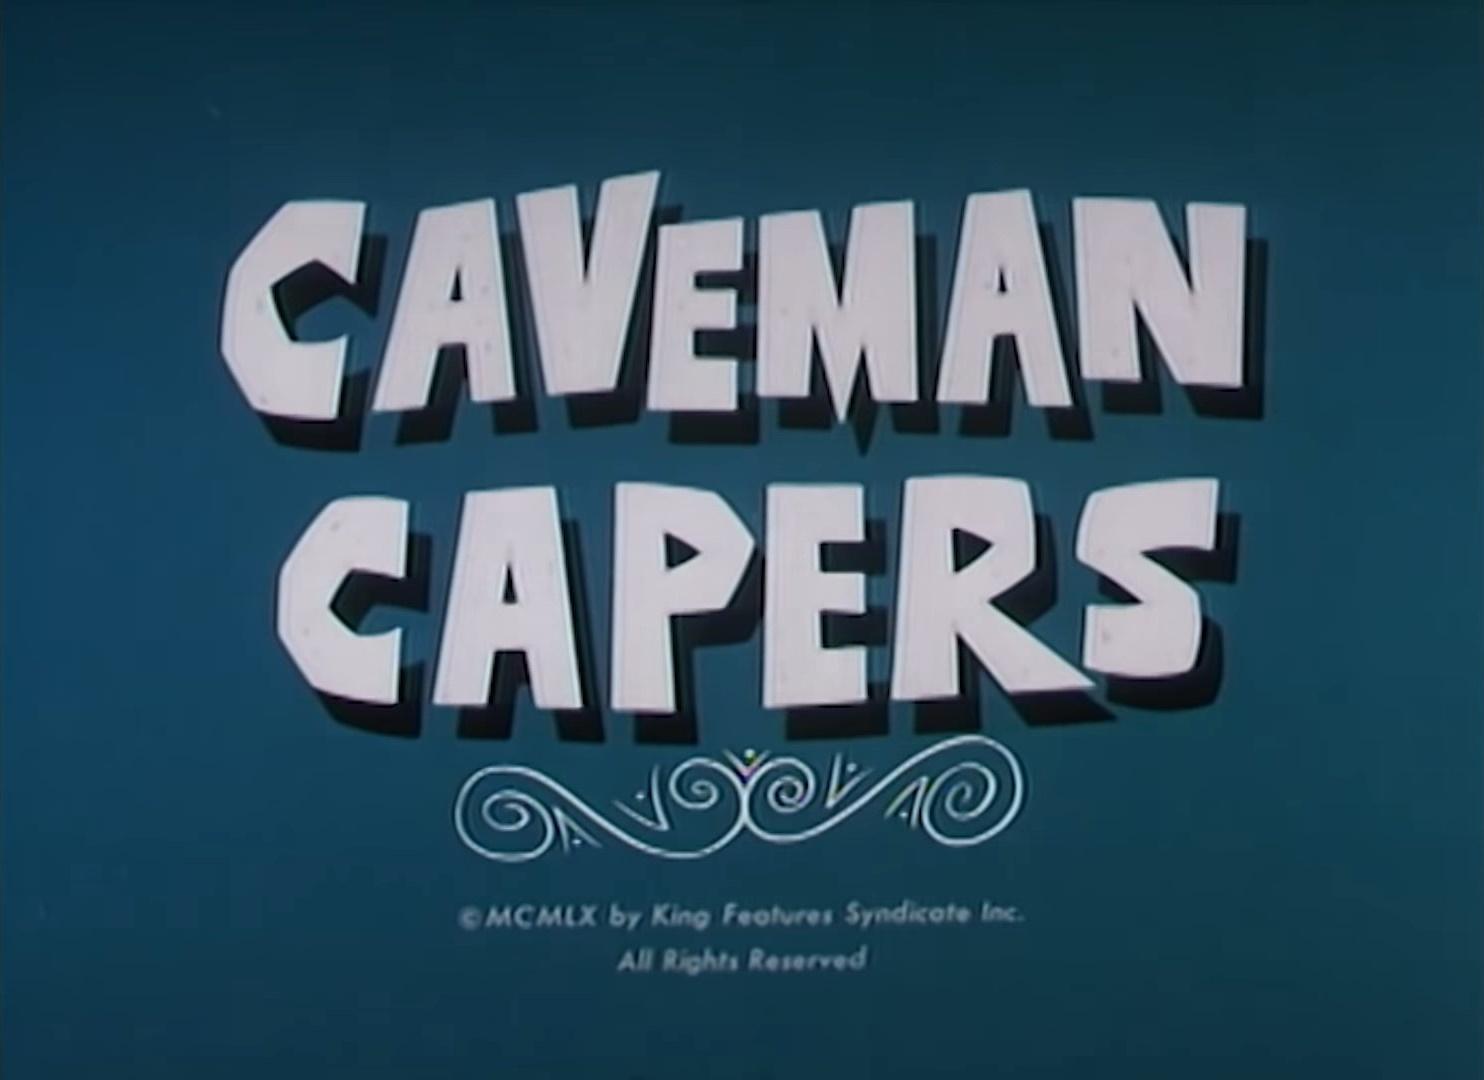 Caveman Capers